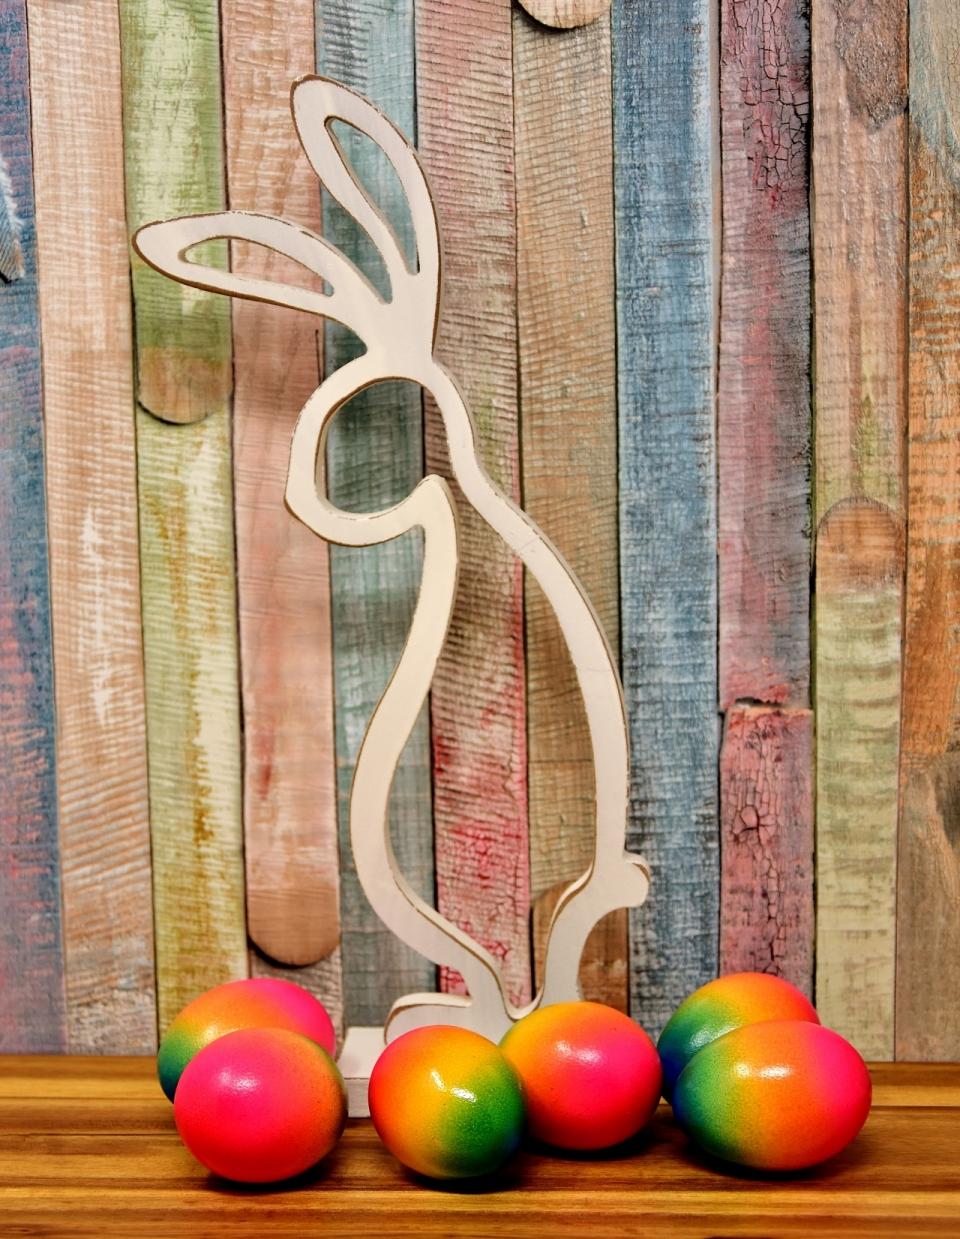 室内木制桌面镂空兔子模型七彩彩蛋